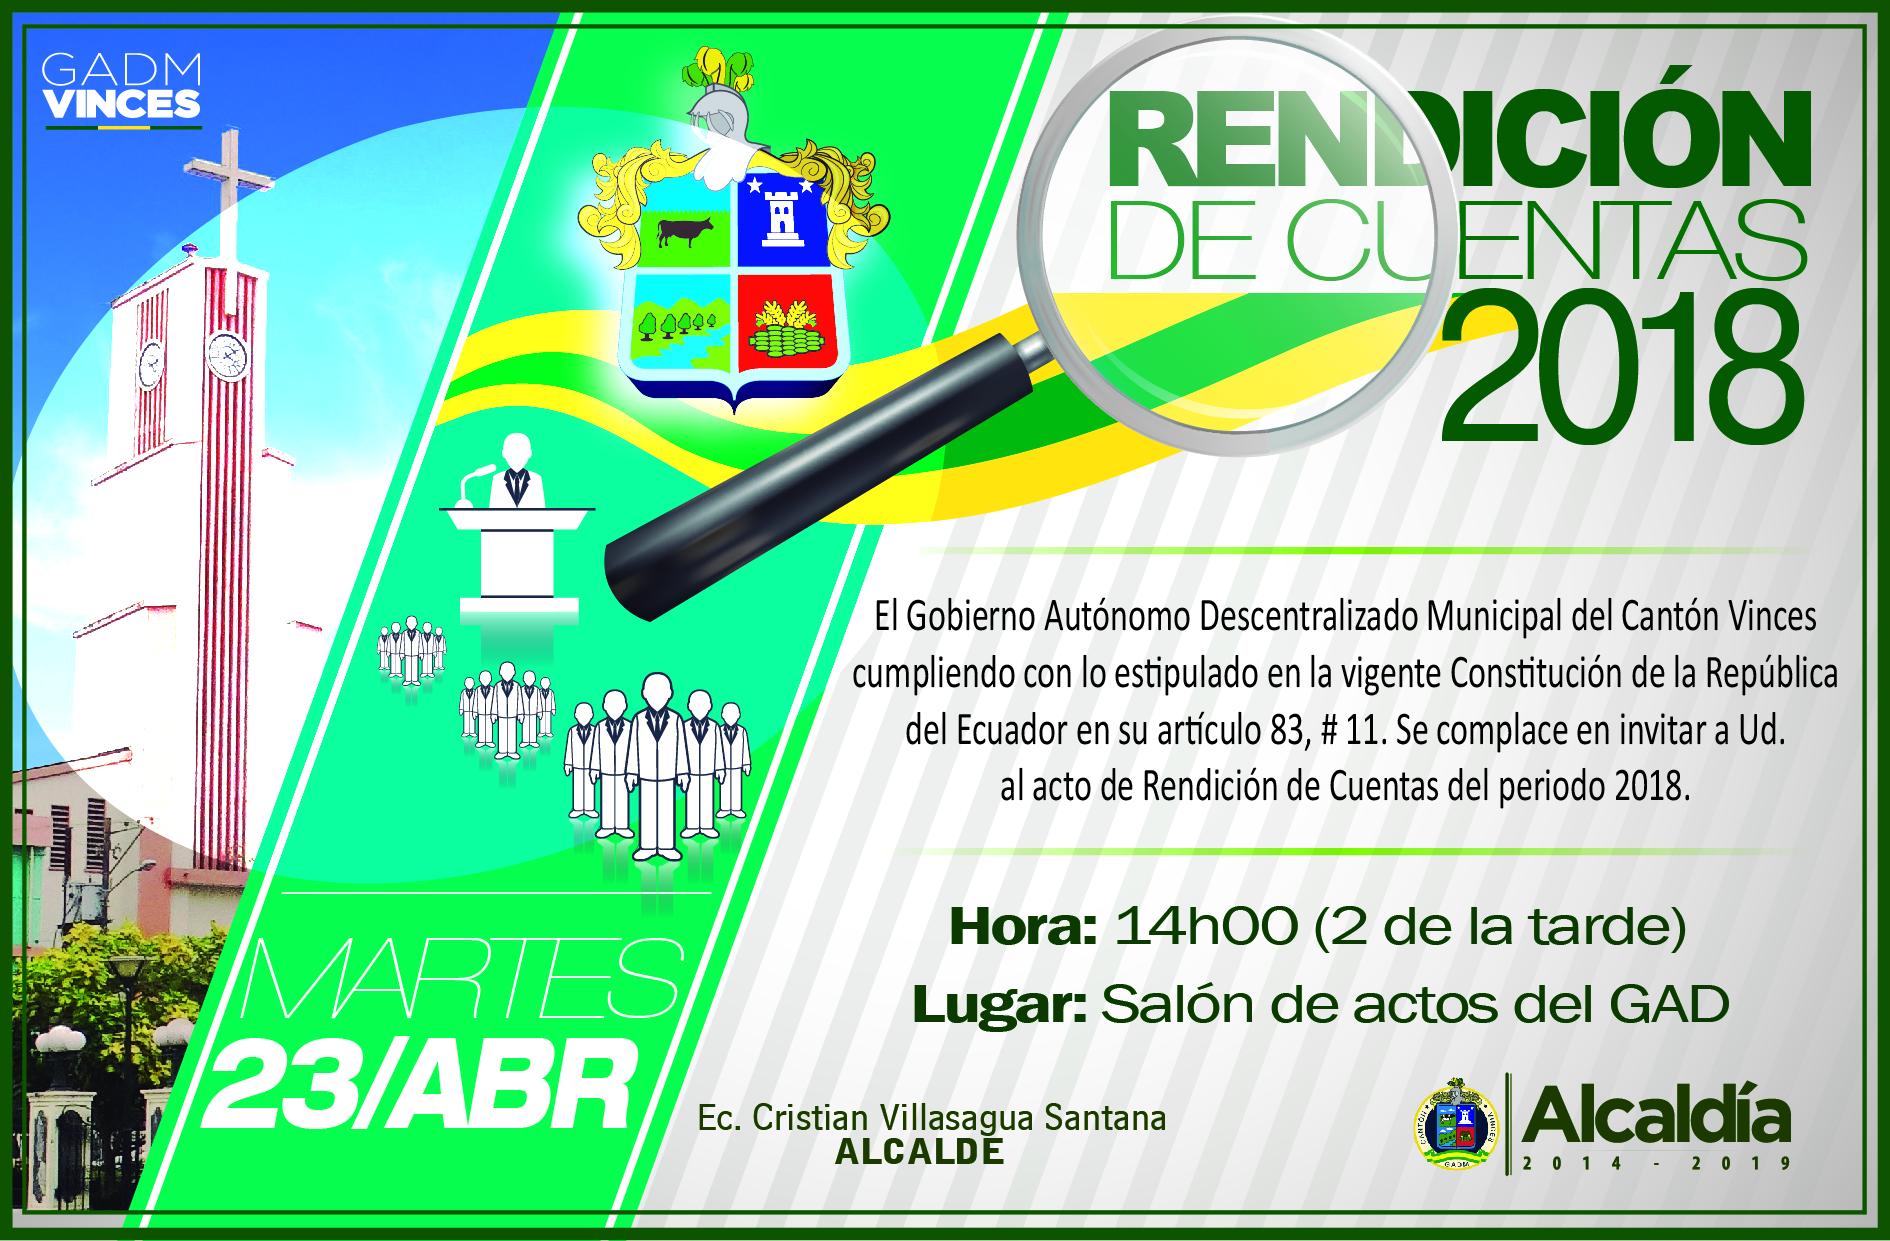 Invitación para la Rendición de Cuentas 2018